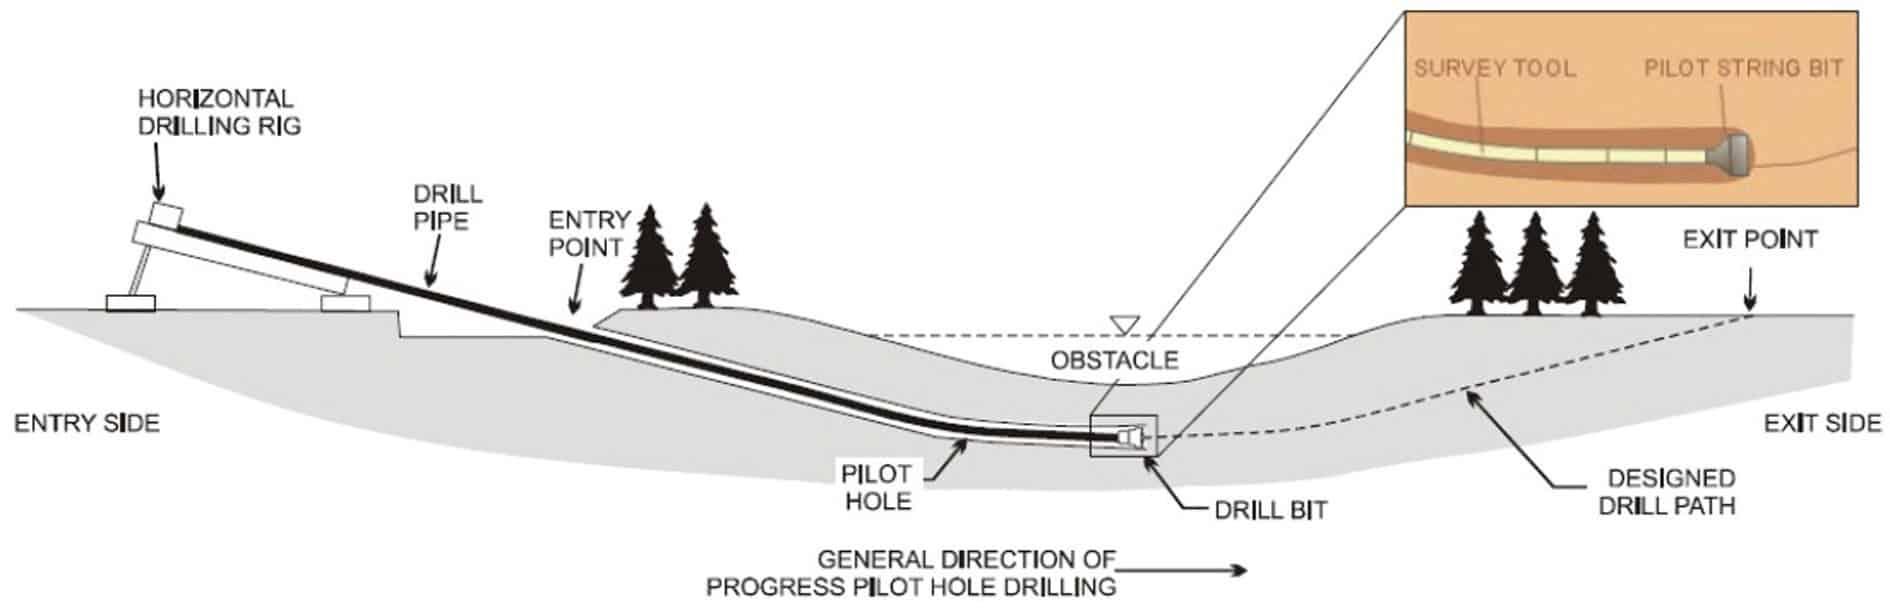 La rappresentazione grafica dell'esecuzione del foro pilota